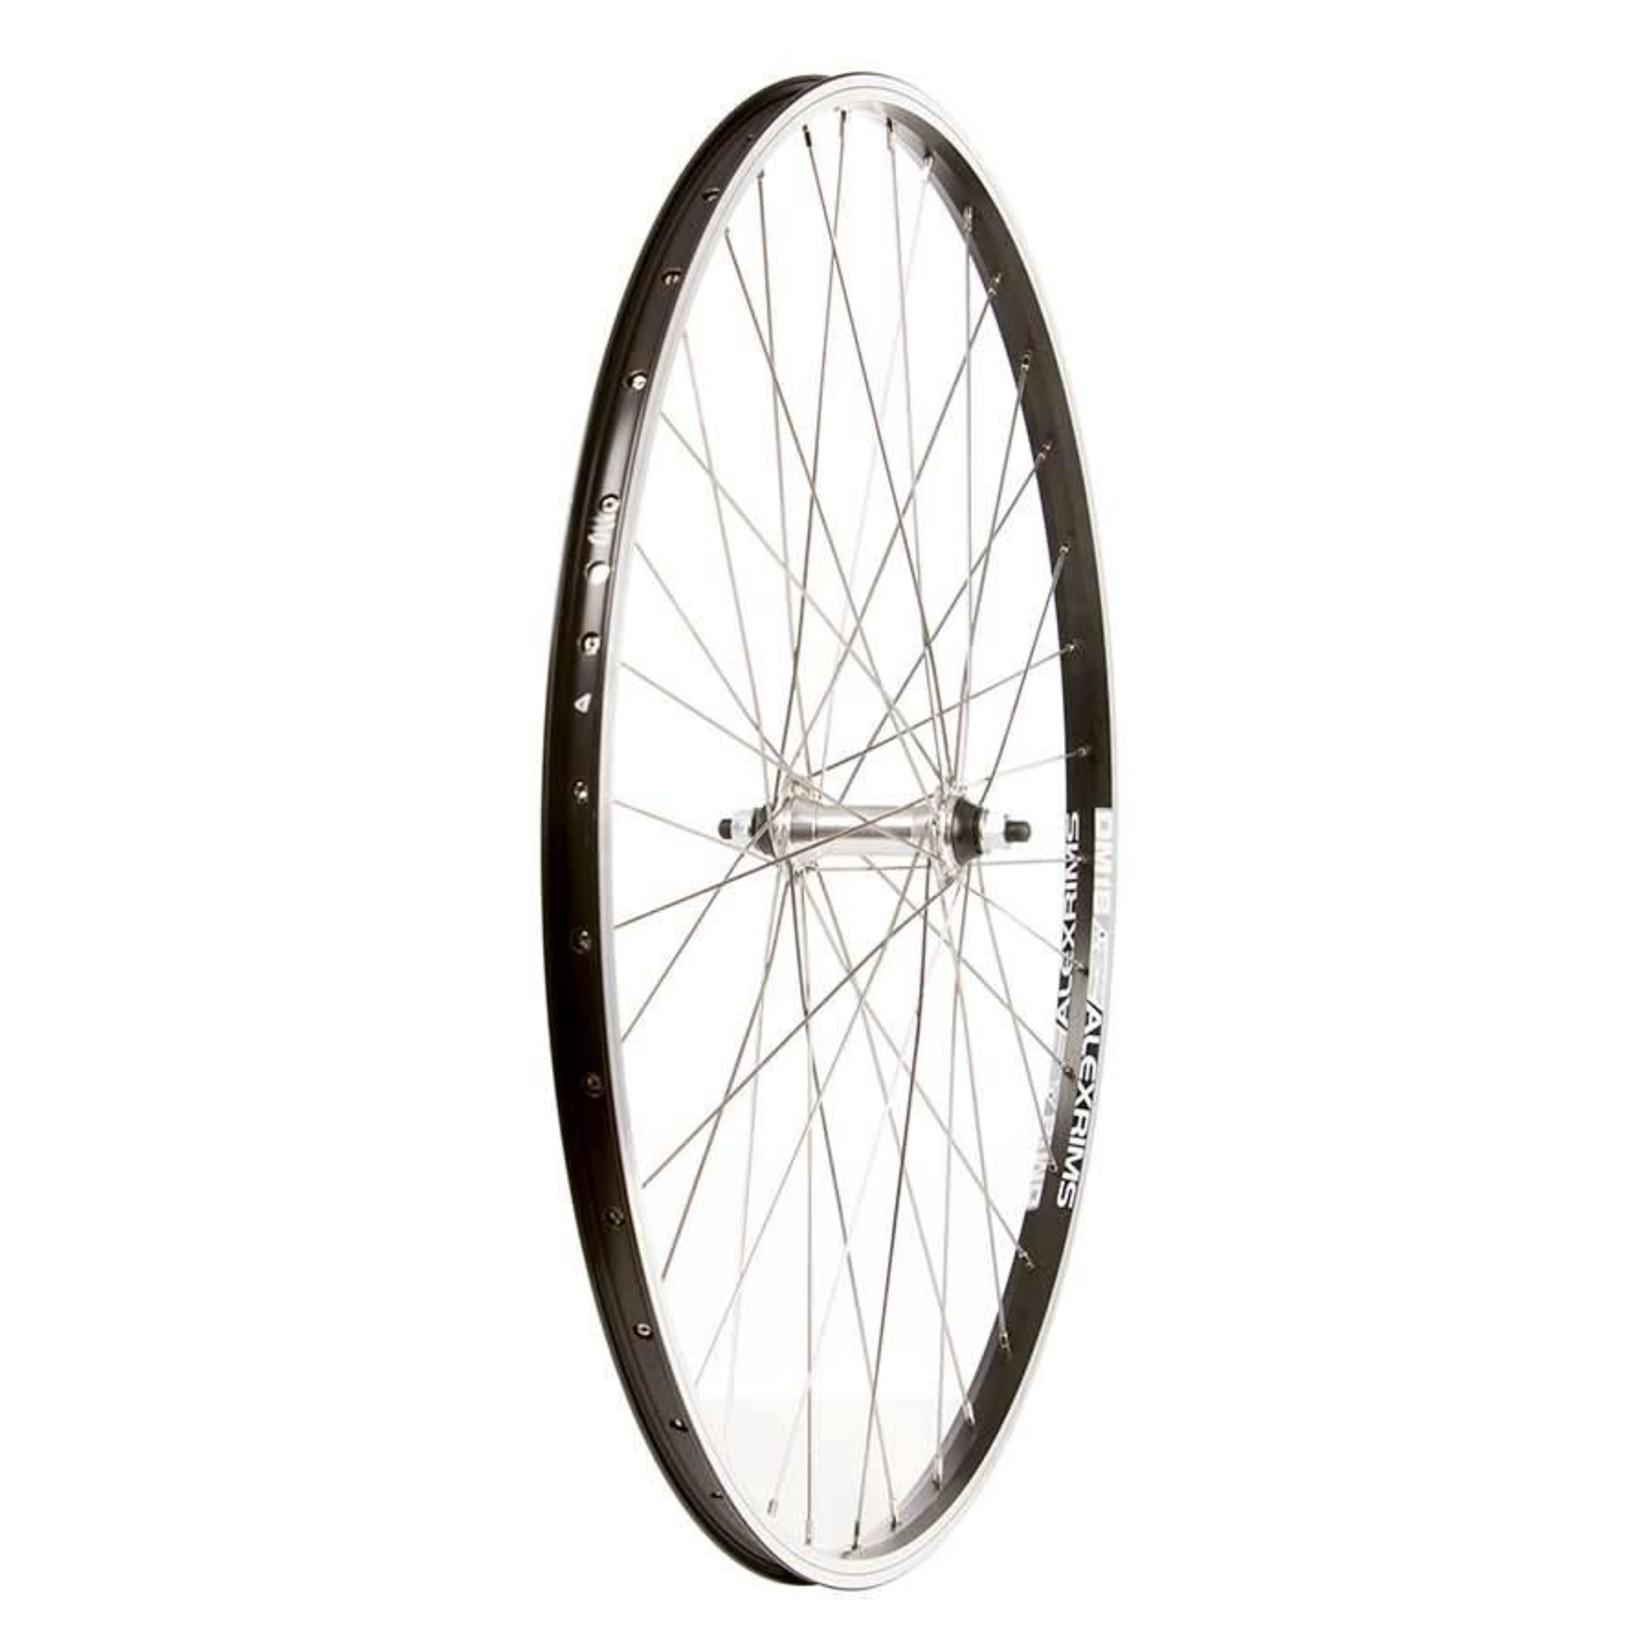 The Wheel Shop Wheel Shop, Alex DM18 Noir/ Formula FM-21-QR, Roue, Avant, 700C / 622, Trous: 36, QR, 100mm, Sur jante